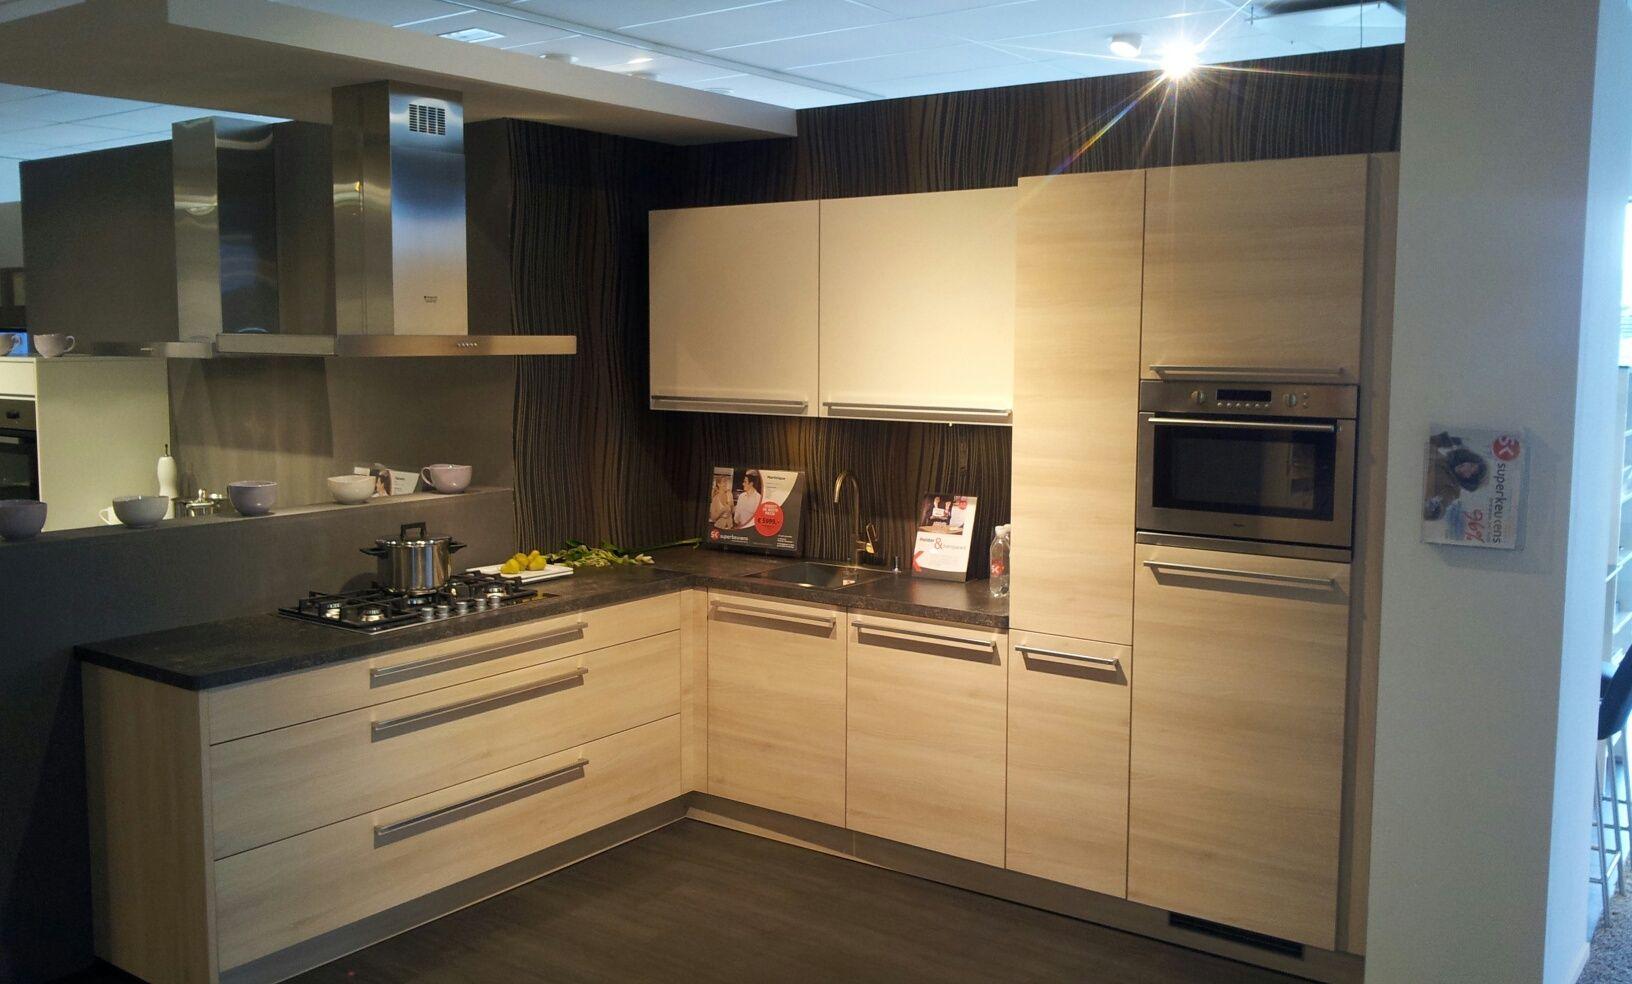 Apothekerskast Keuken Afmetingen : keukens voor zeer lage keuken prijzen Hoek keuken Martinique [53035